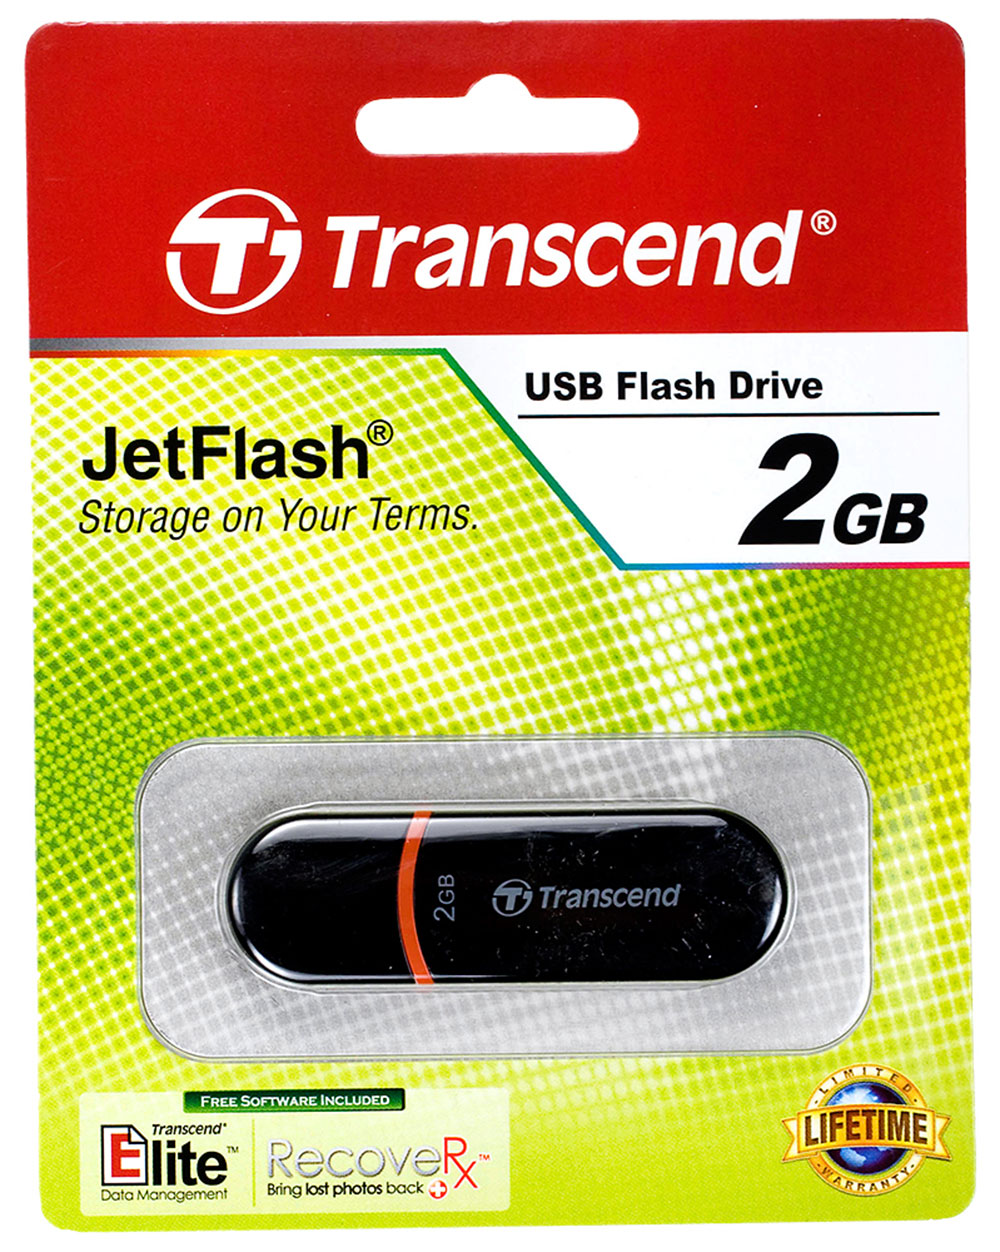 Flash-носитель 4Гб USB2.0 Transcend Jetflash 300 черный с зеленым Retail.